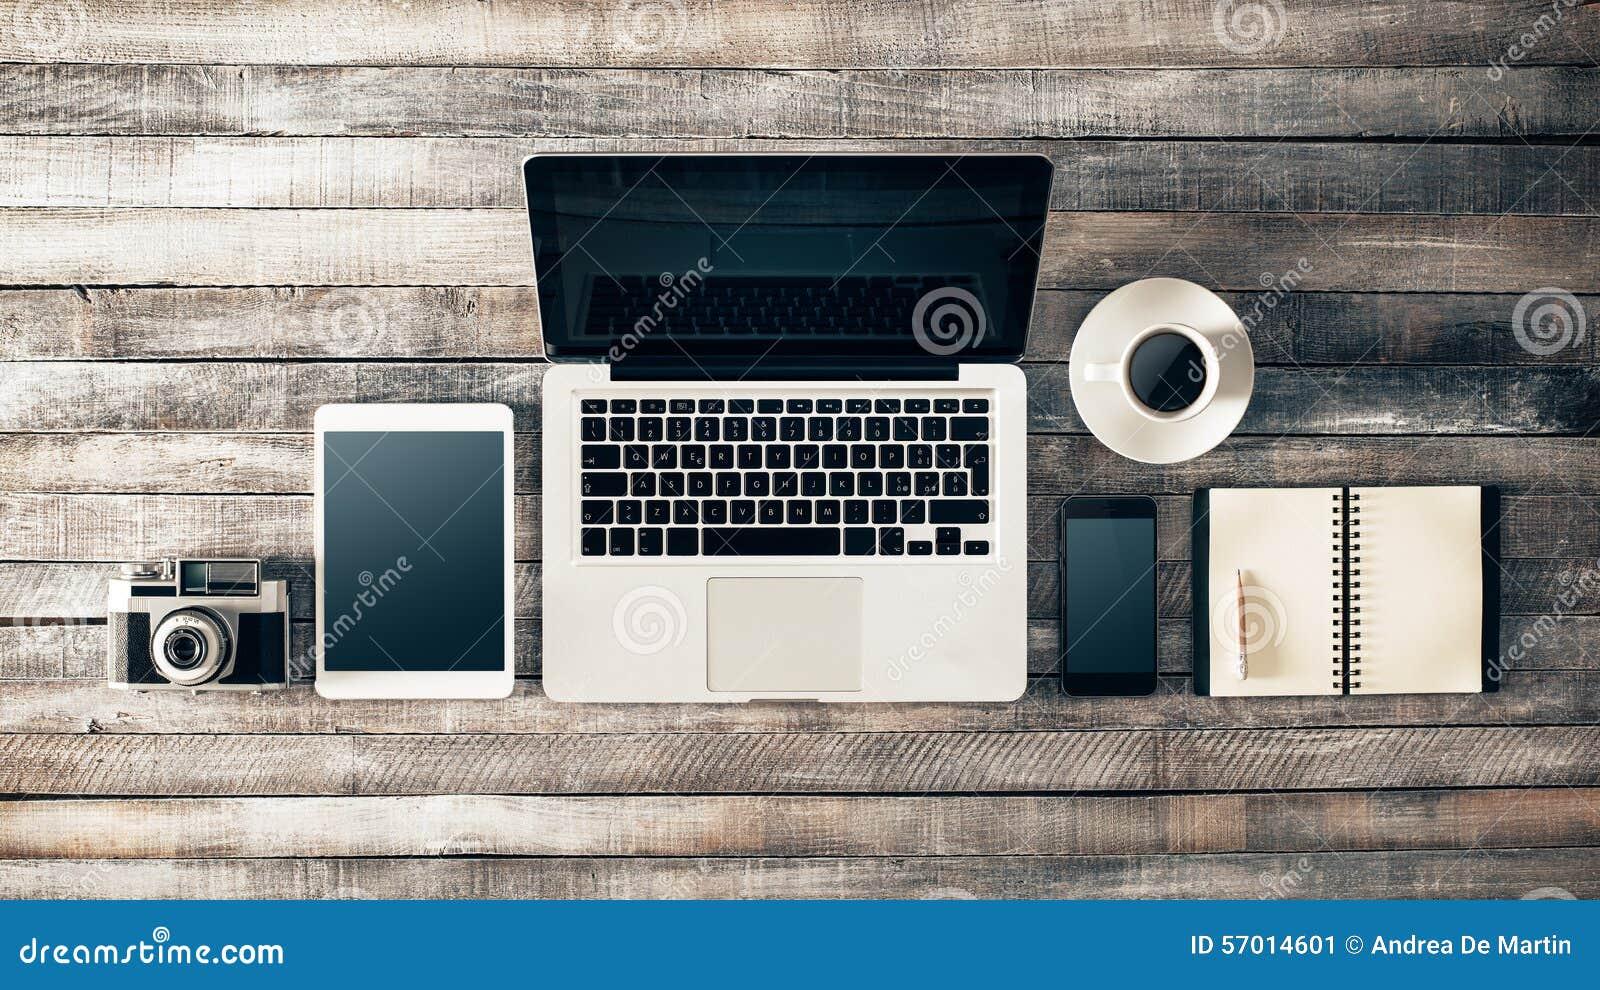 Vintage grunge desktop with laptop